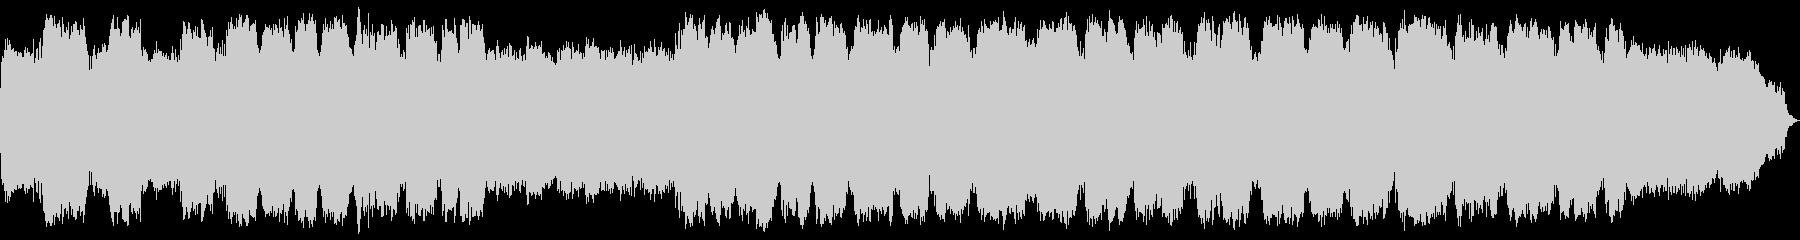 落ち着く笛の音色のヒーリングミュージックの未再生の波形